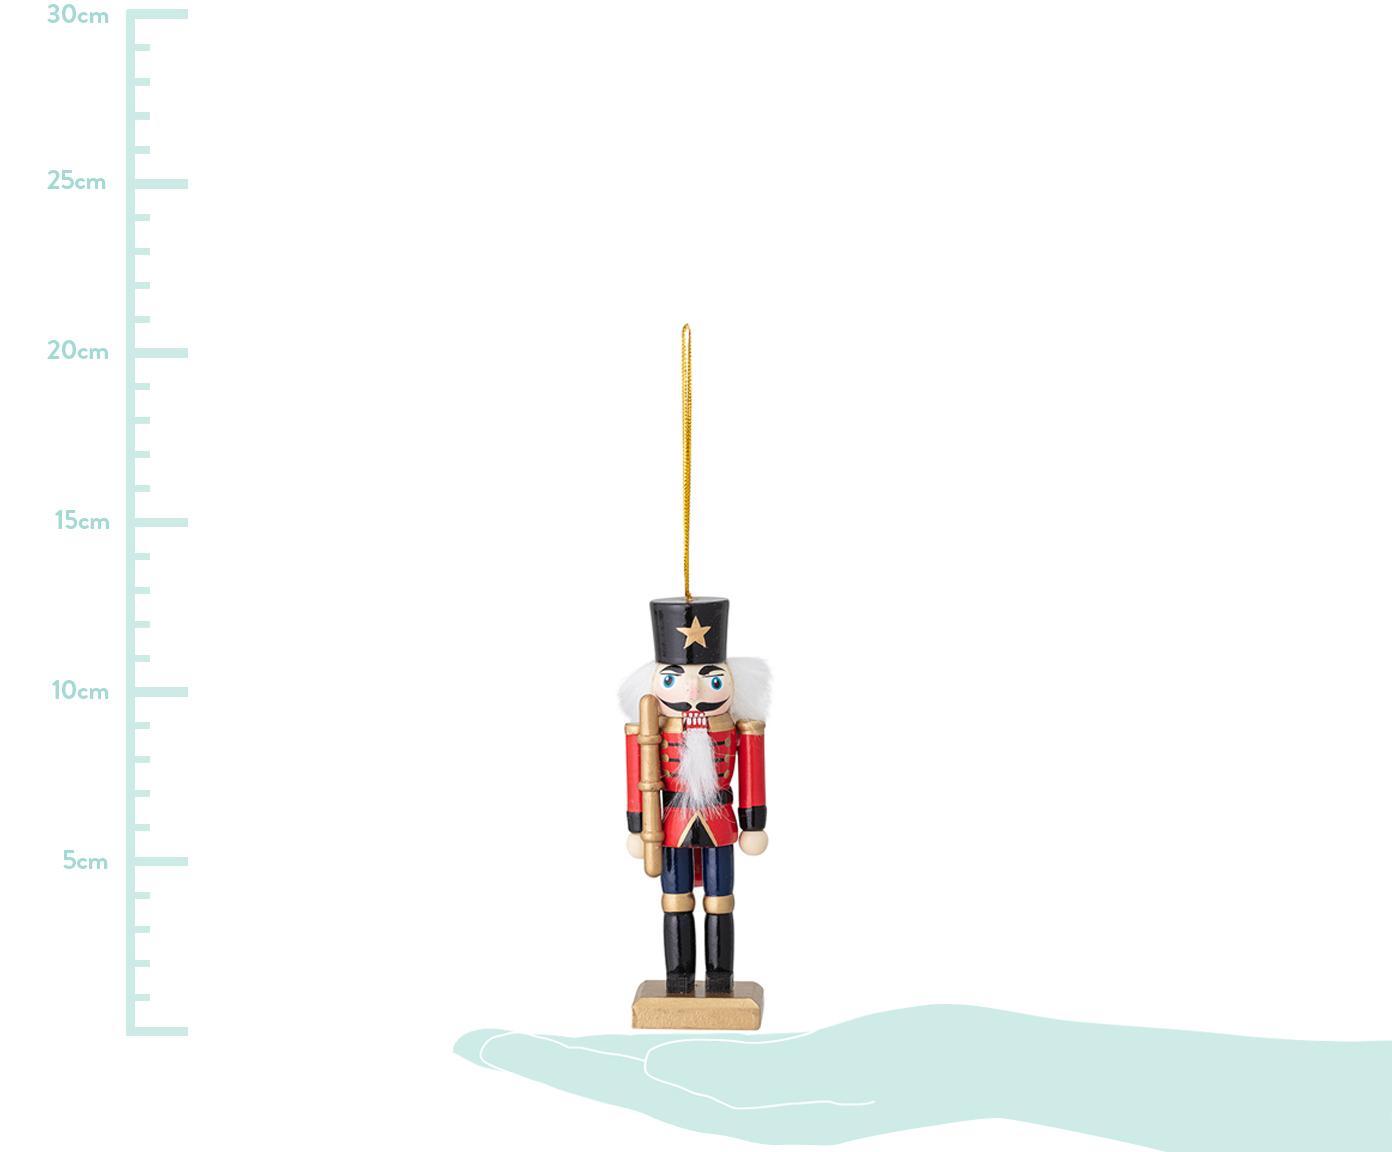 Baumanhänger-Set Nutcracker, 6-tlg., Tannenholz, beschichtet, Mehrfarbig, 4 x 13 cm